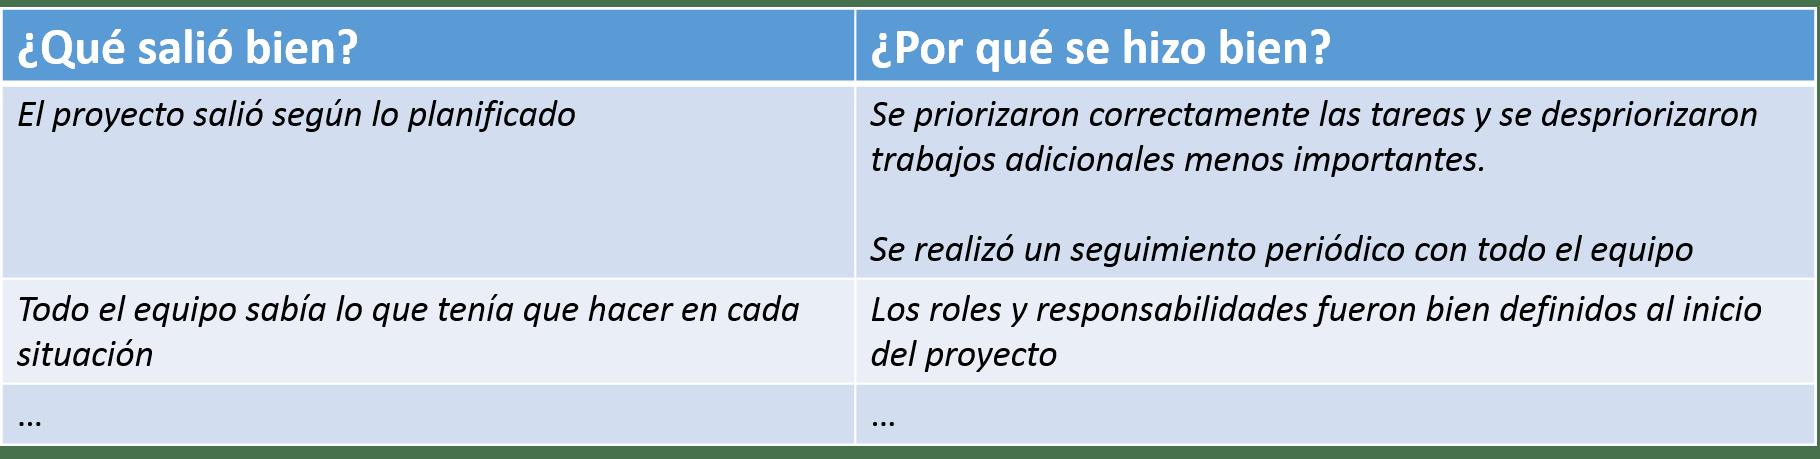 LeccionesAprendidas_bien